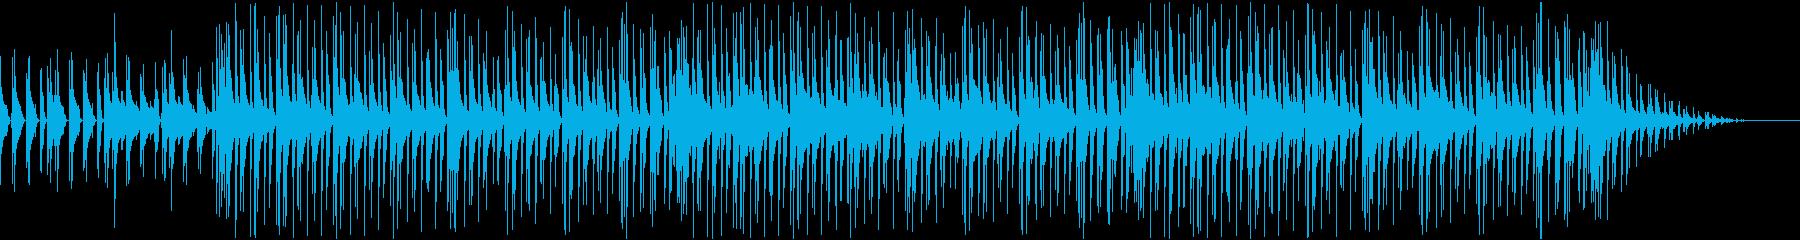 夜のバーで流れていそうなジャズ風曲です。の再生済みの波形